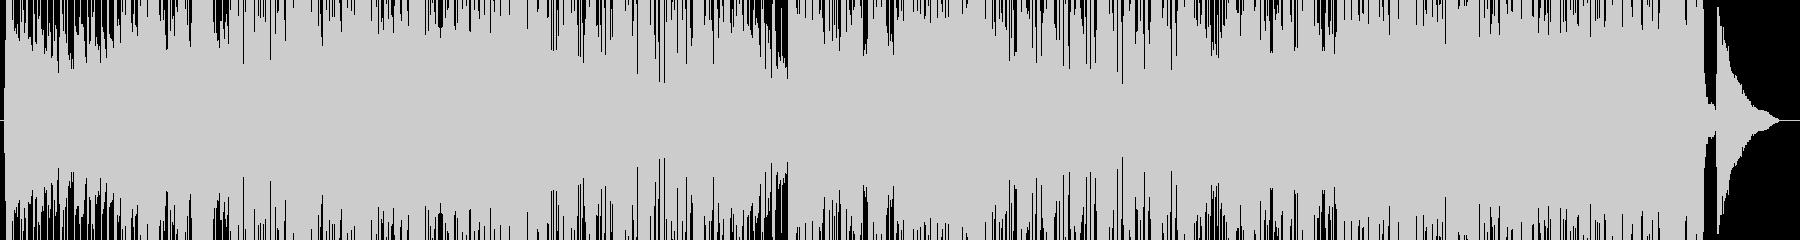 アコギ生録(Smooth Jazz)の未再生の波形